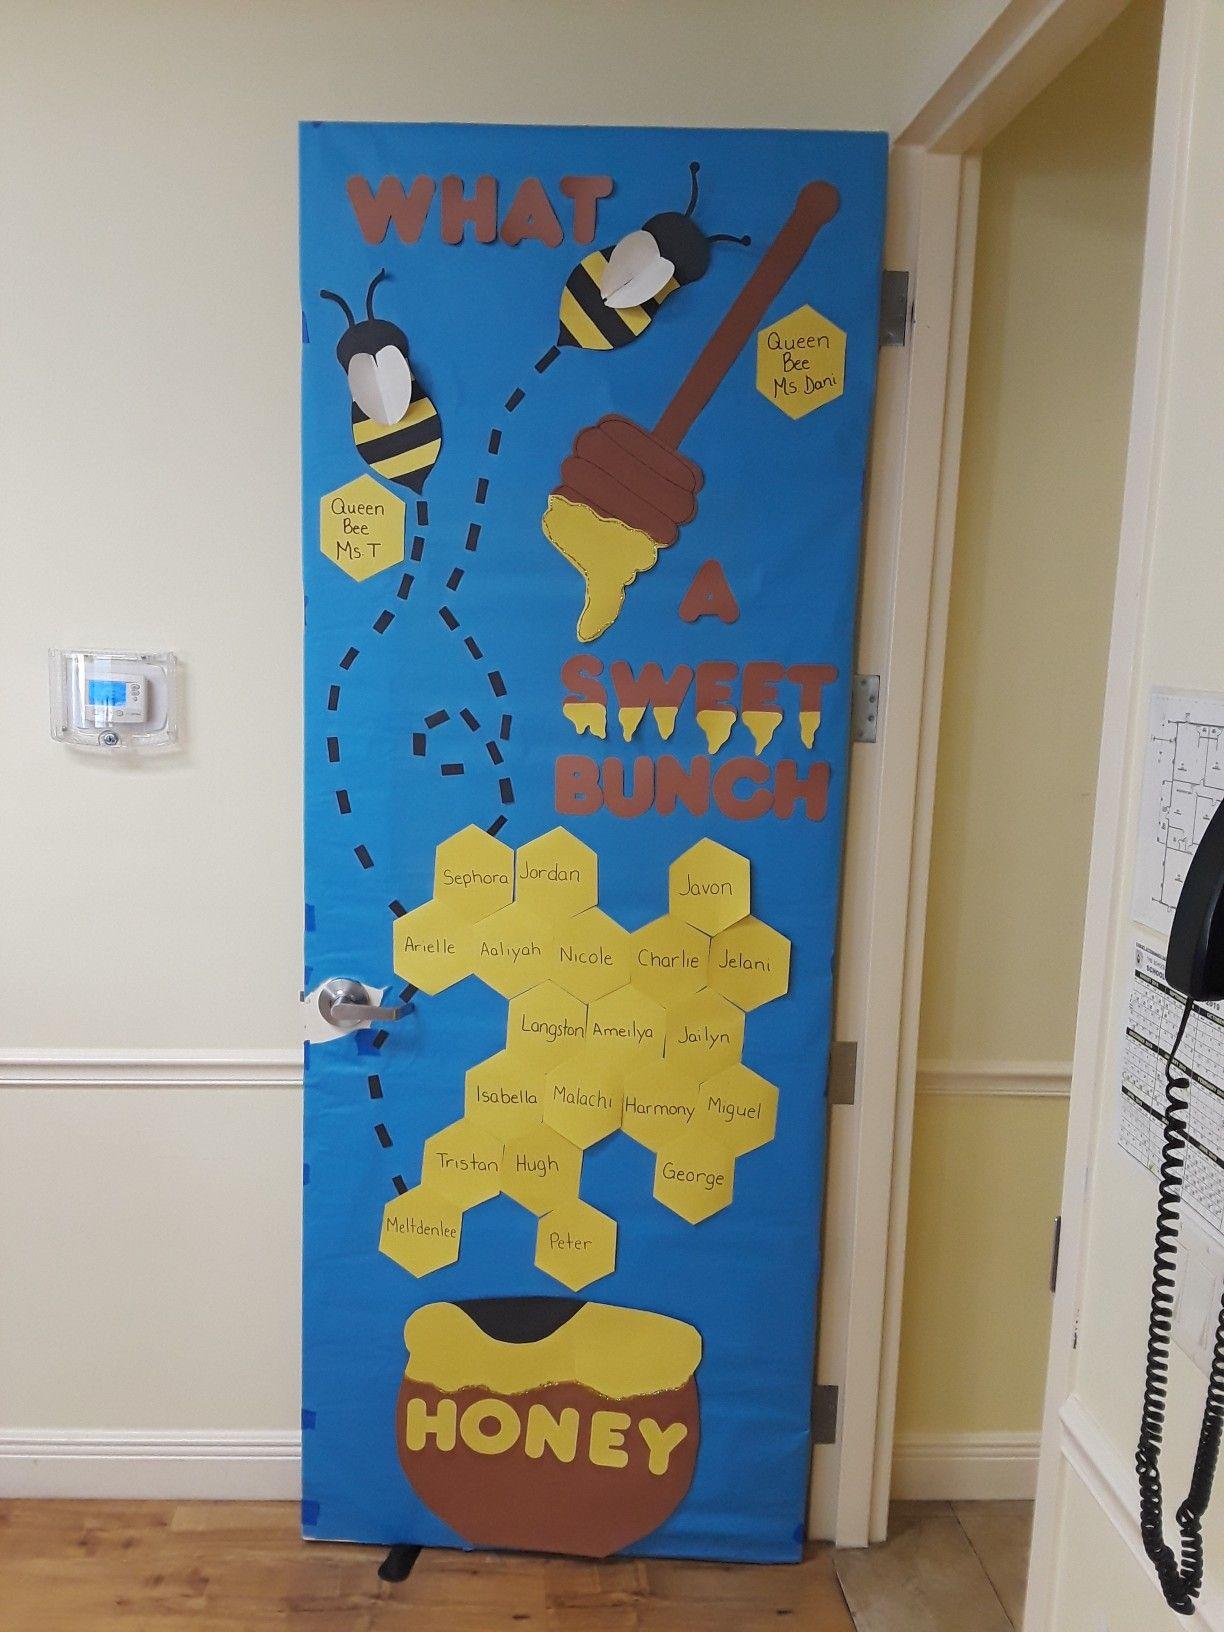 91 Birthday Door Ideas In 2021 Birthday Door Door Decorations Classroom Classroom Decorations